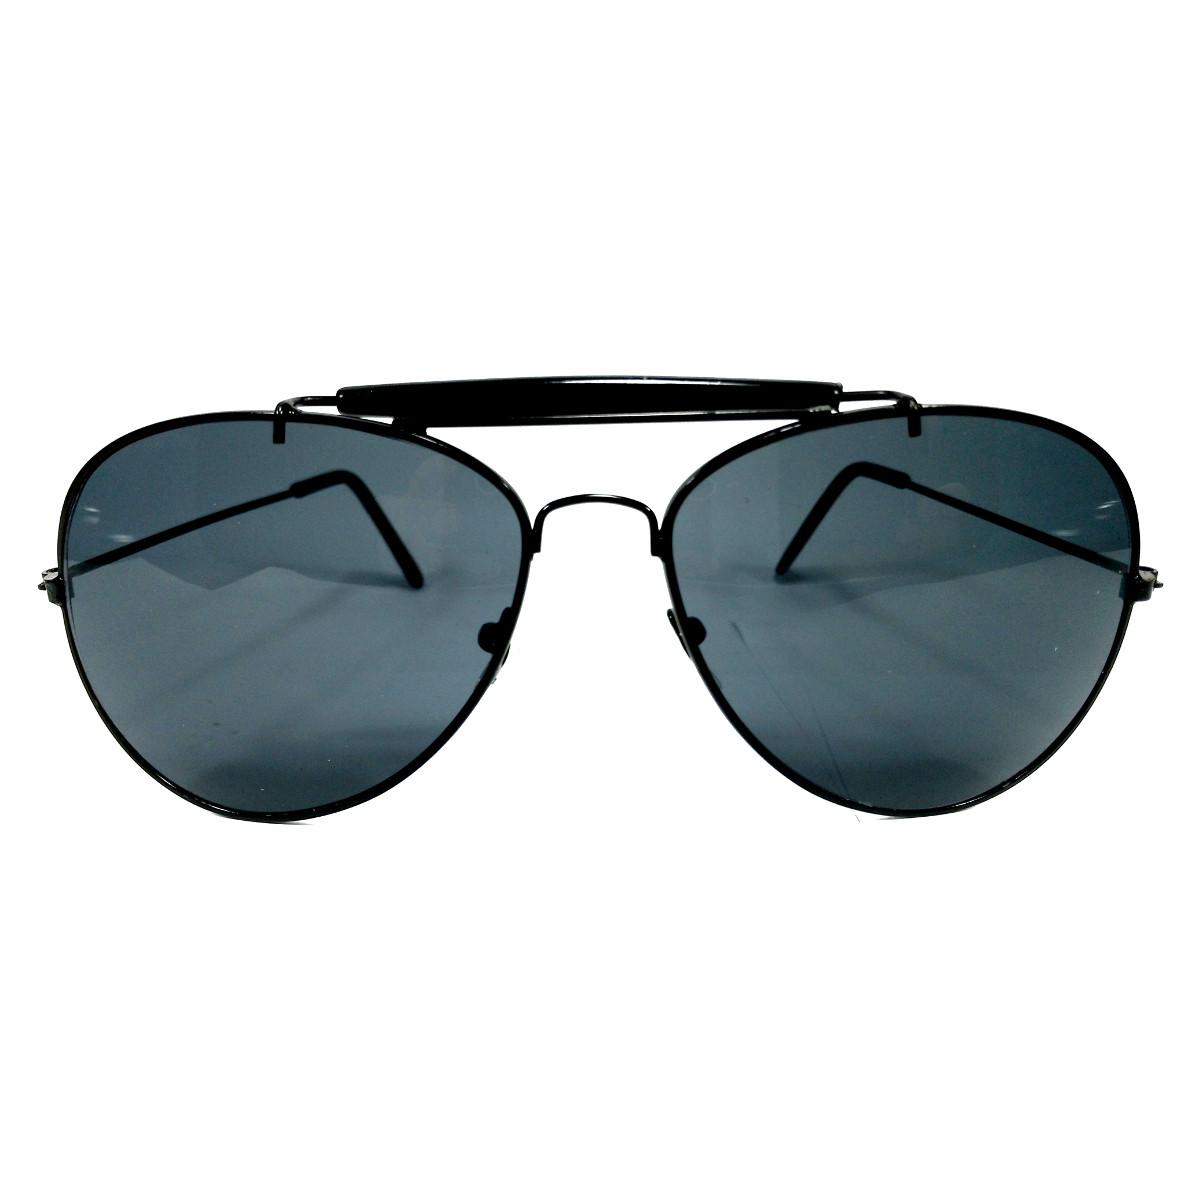 แว่นกันแดด แฟชั่น BLACK&BLACK